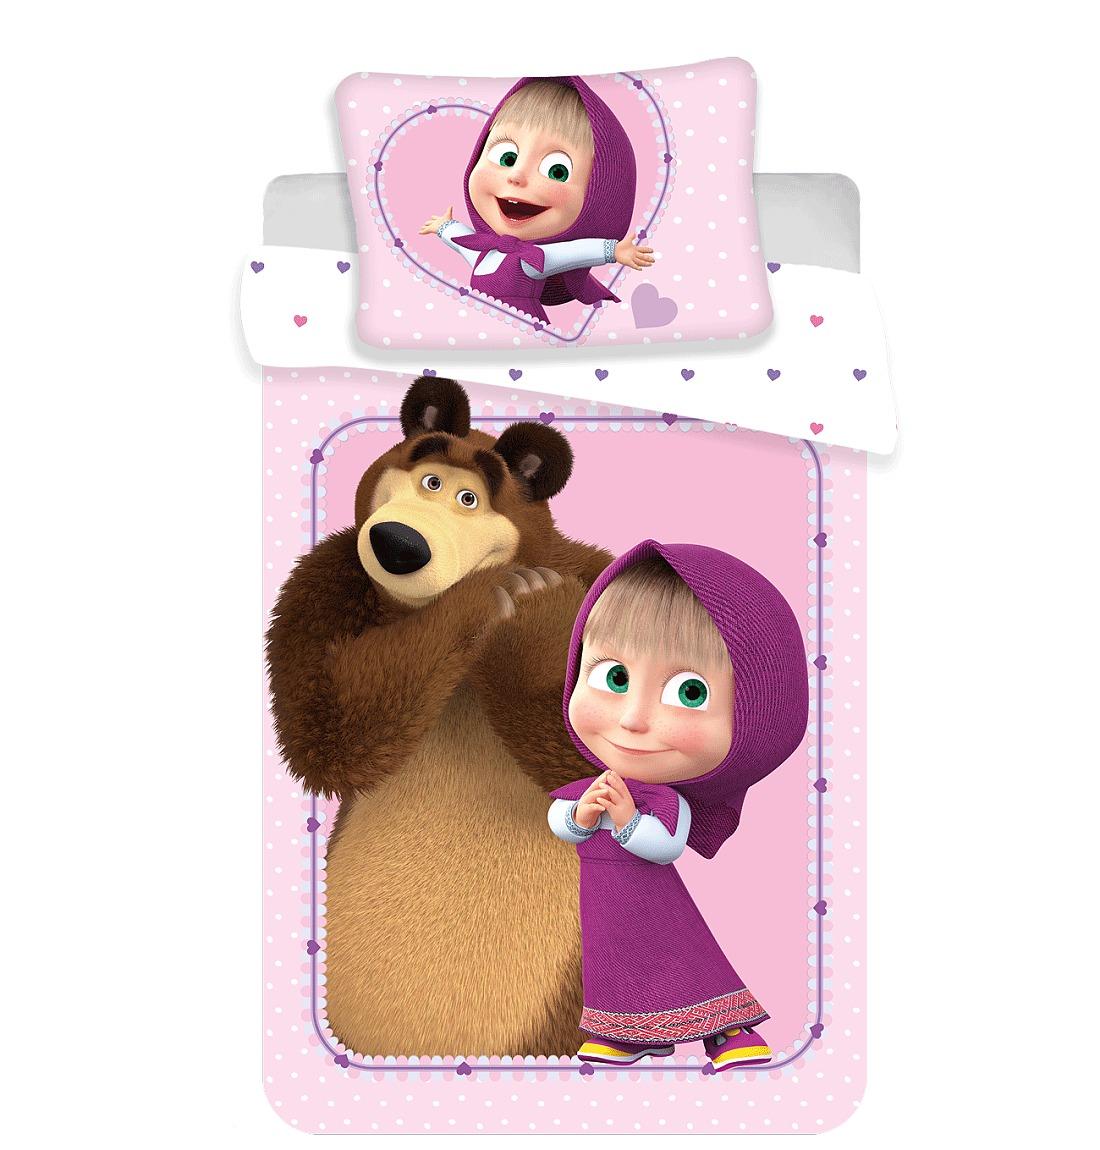 Disney povlečení do postýlky Máša a Medvěd baby 100x135, 40x60 cm